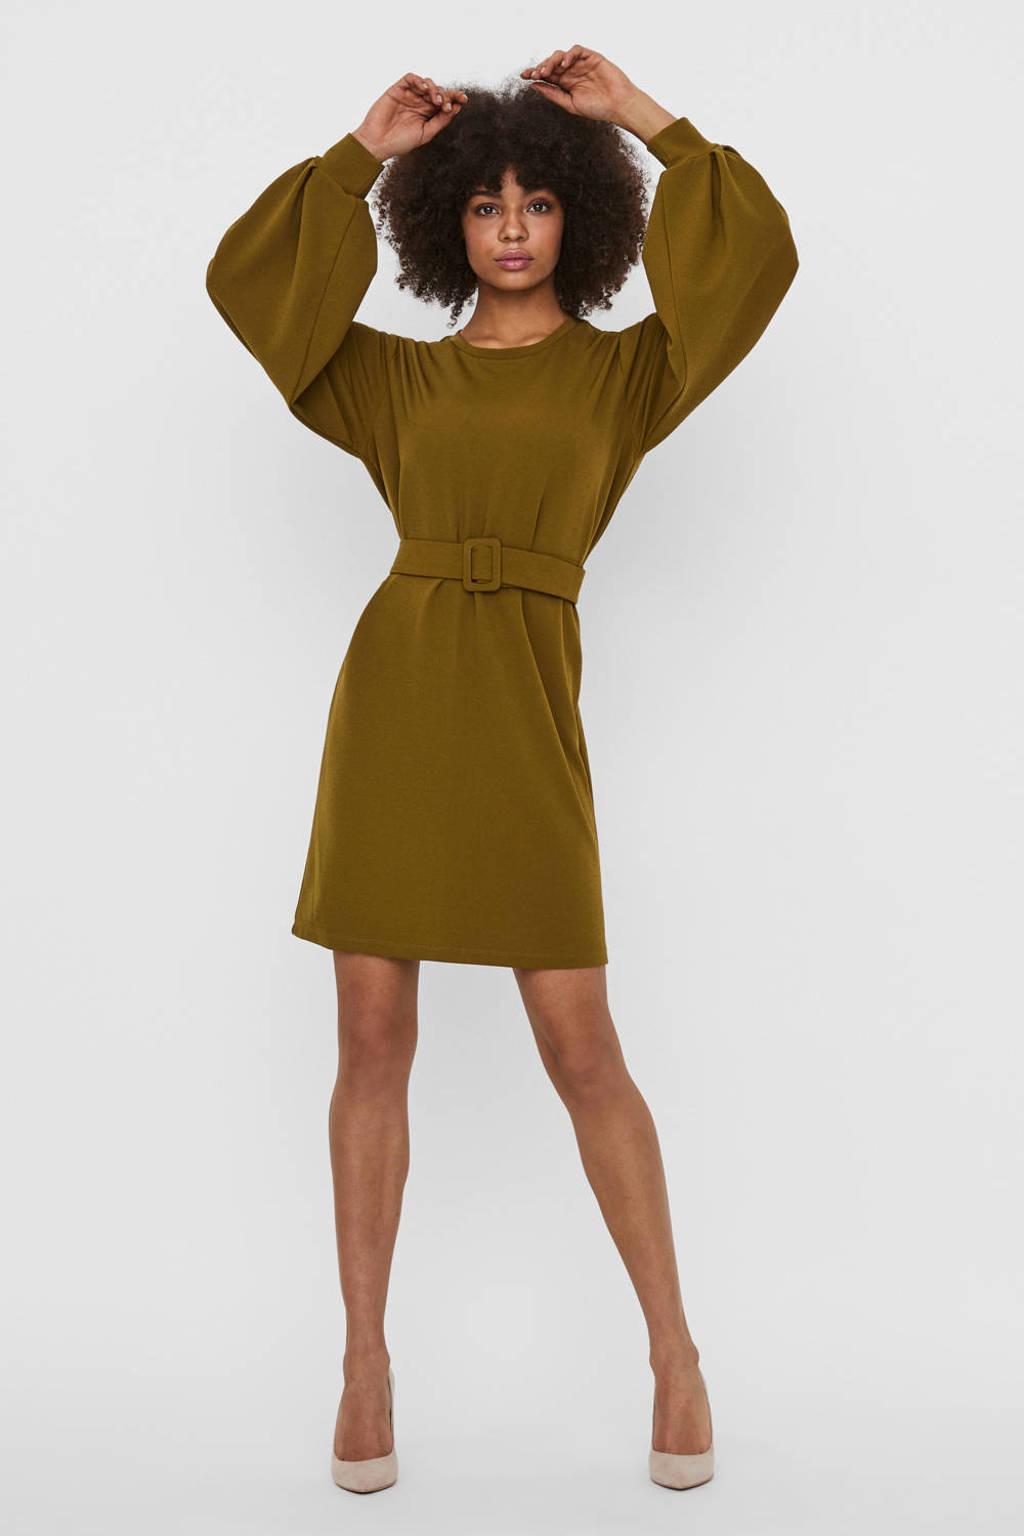 VERO MODA jurk Coral met ceintuur olijfgroen, Olijfgroen